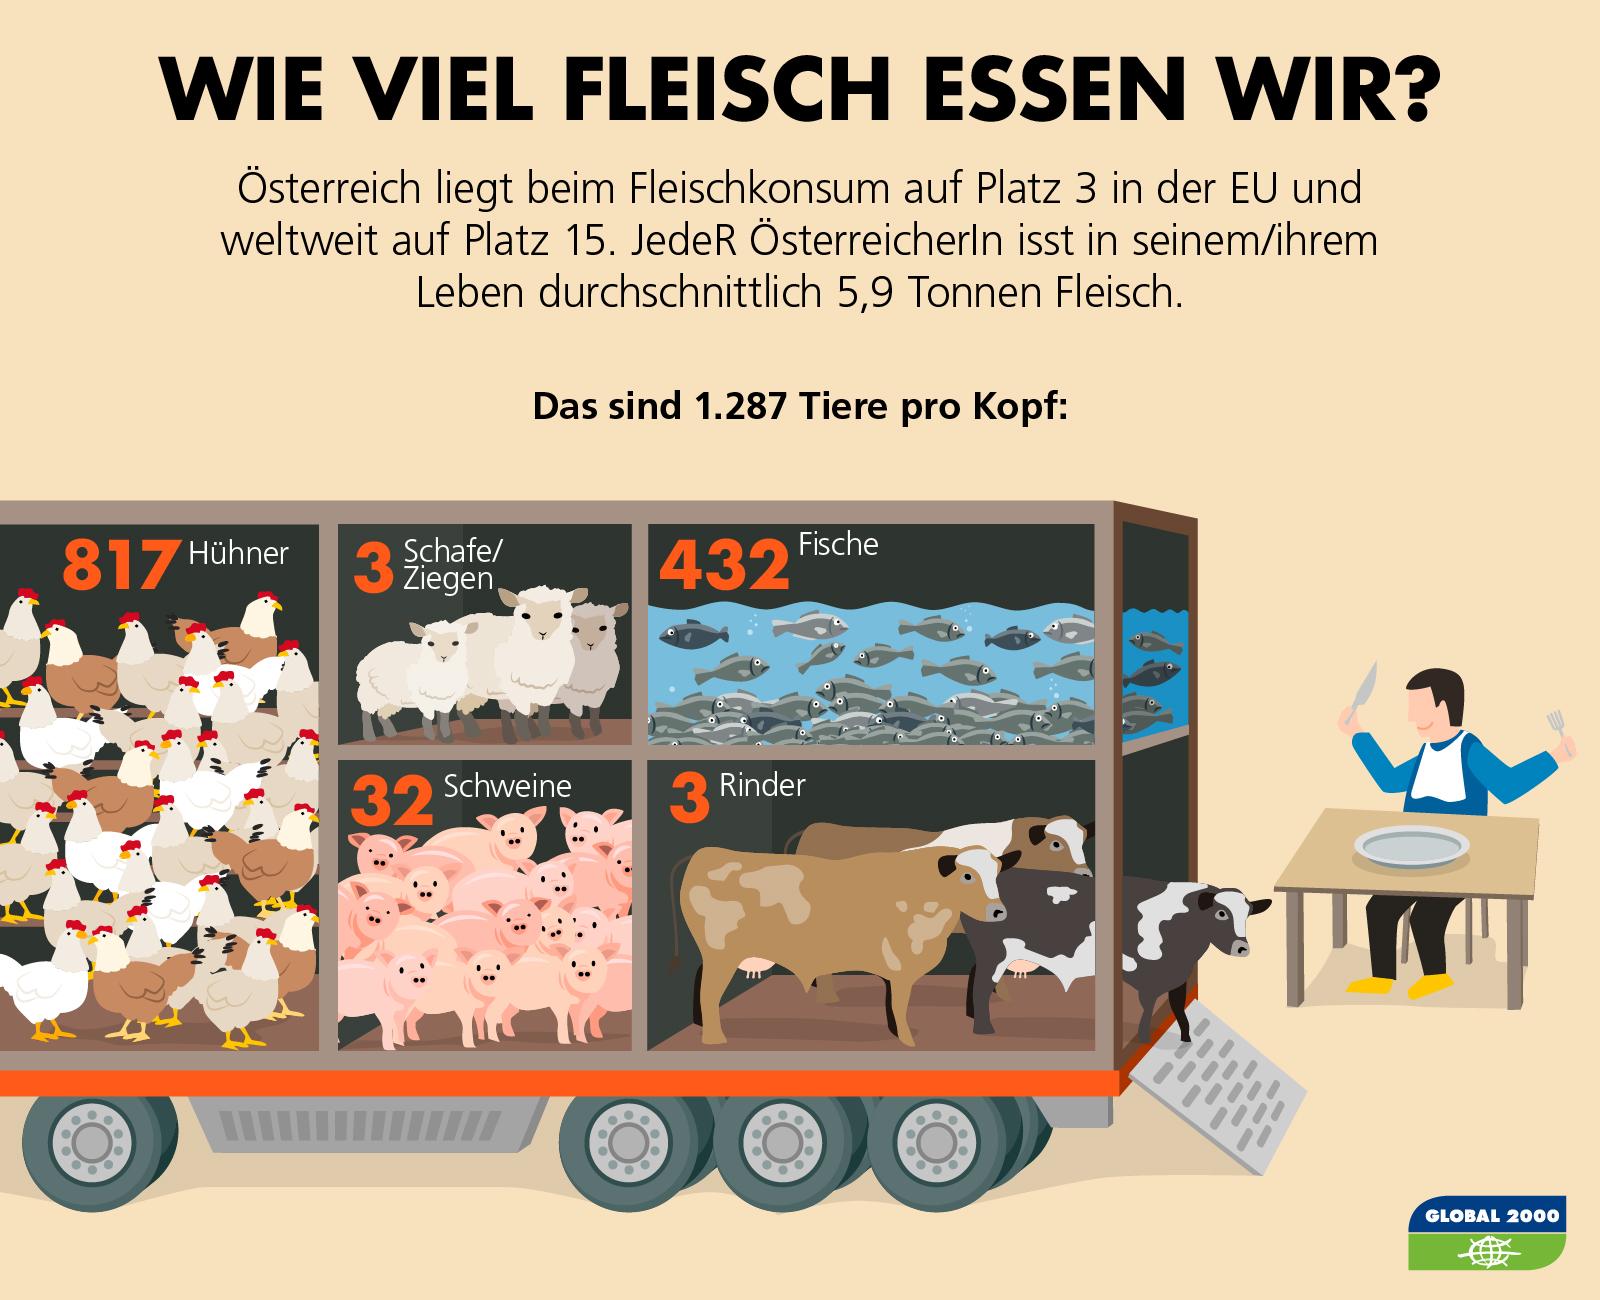 Fleischkonsum in Österreich